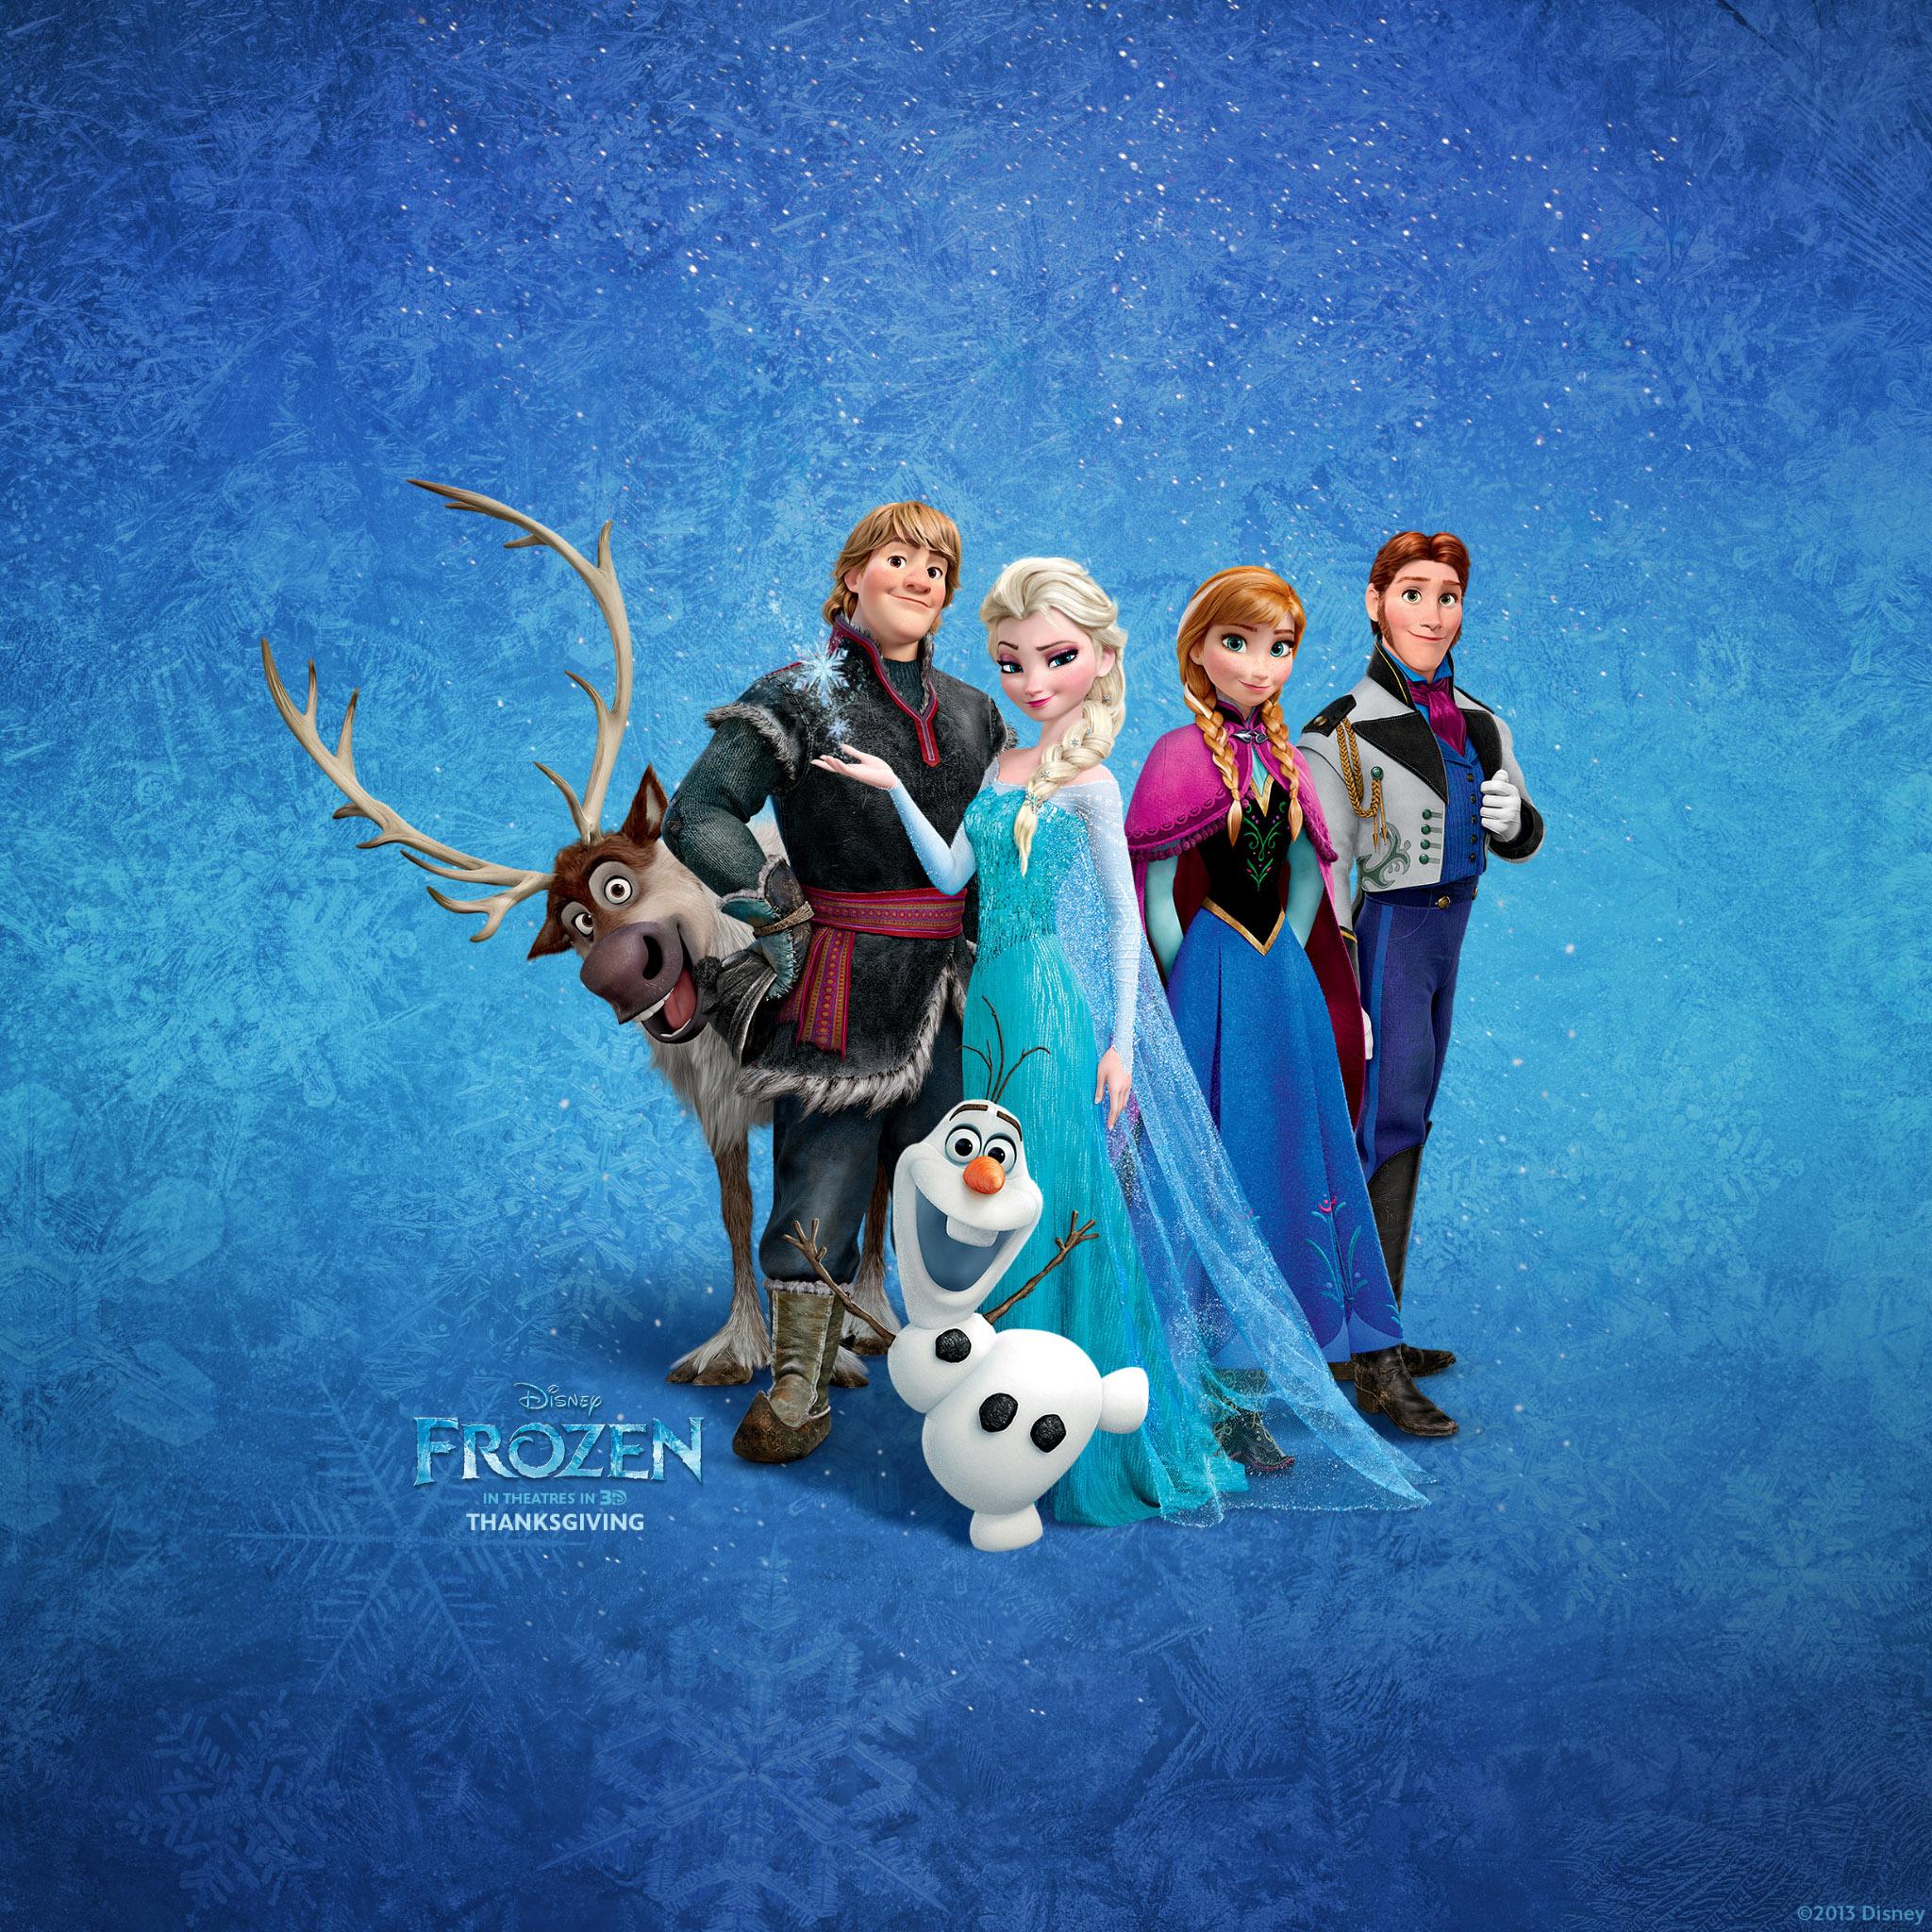 2048 2048 厳選ipad壁紙 31 アナと雪の女王 Frozen 13枚 Blog